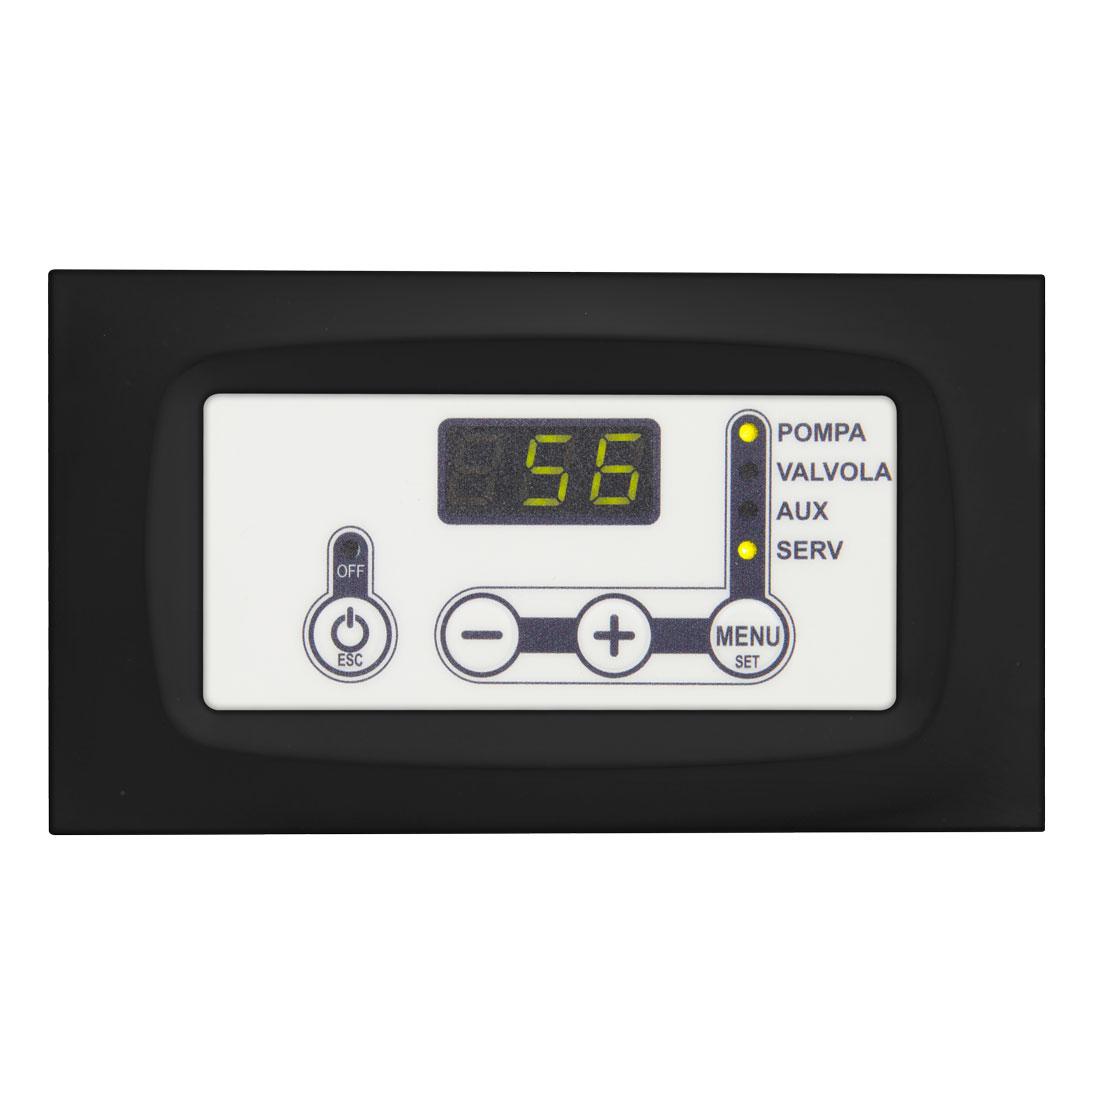 tastiera termoregolatore tc120 bianca con placca nera tasti a pressione